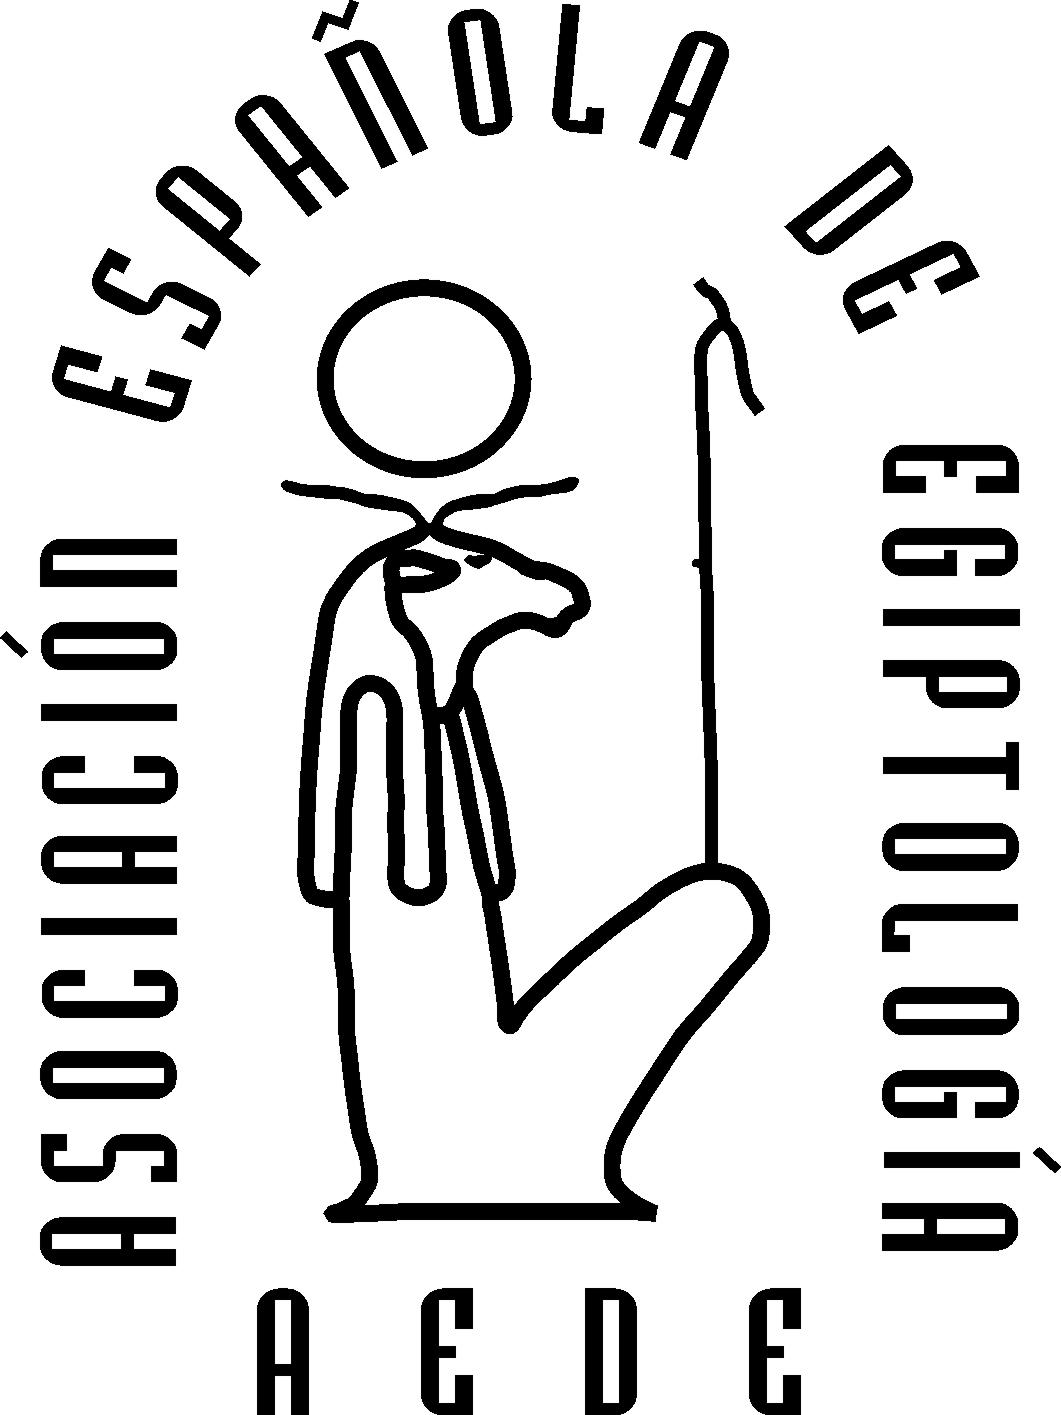 asociacion-espanola-de-egiptologia